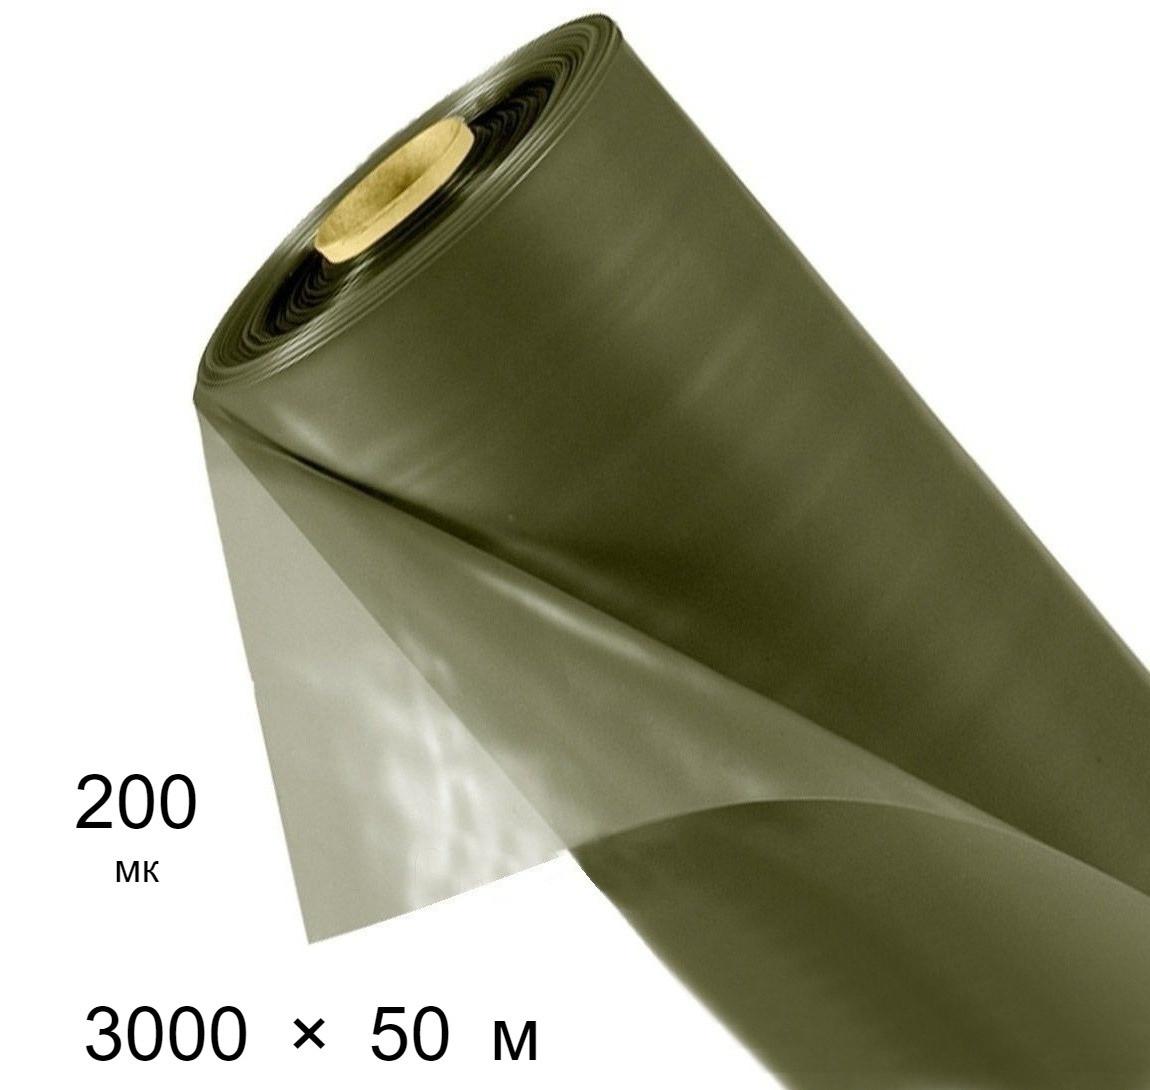 Пленка строительная 200 мкм - 3000 мм × 50 м